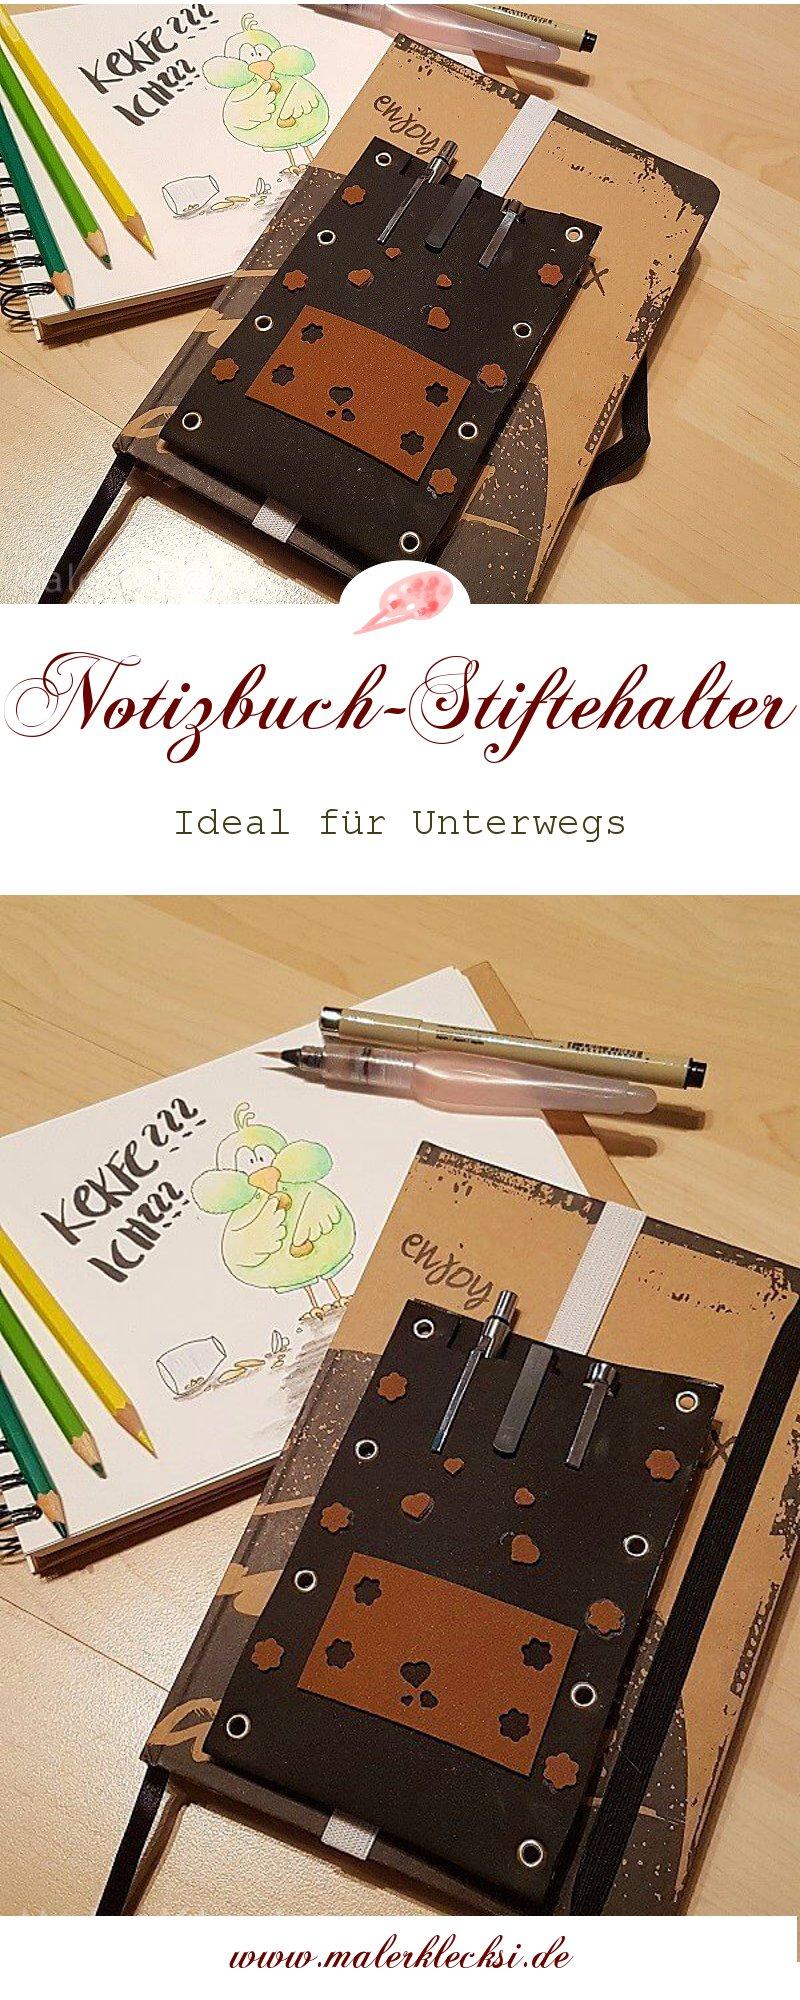 Praktisch für Unterwegs ein Stiftehalter für Notiz- oder Skizzenbuch